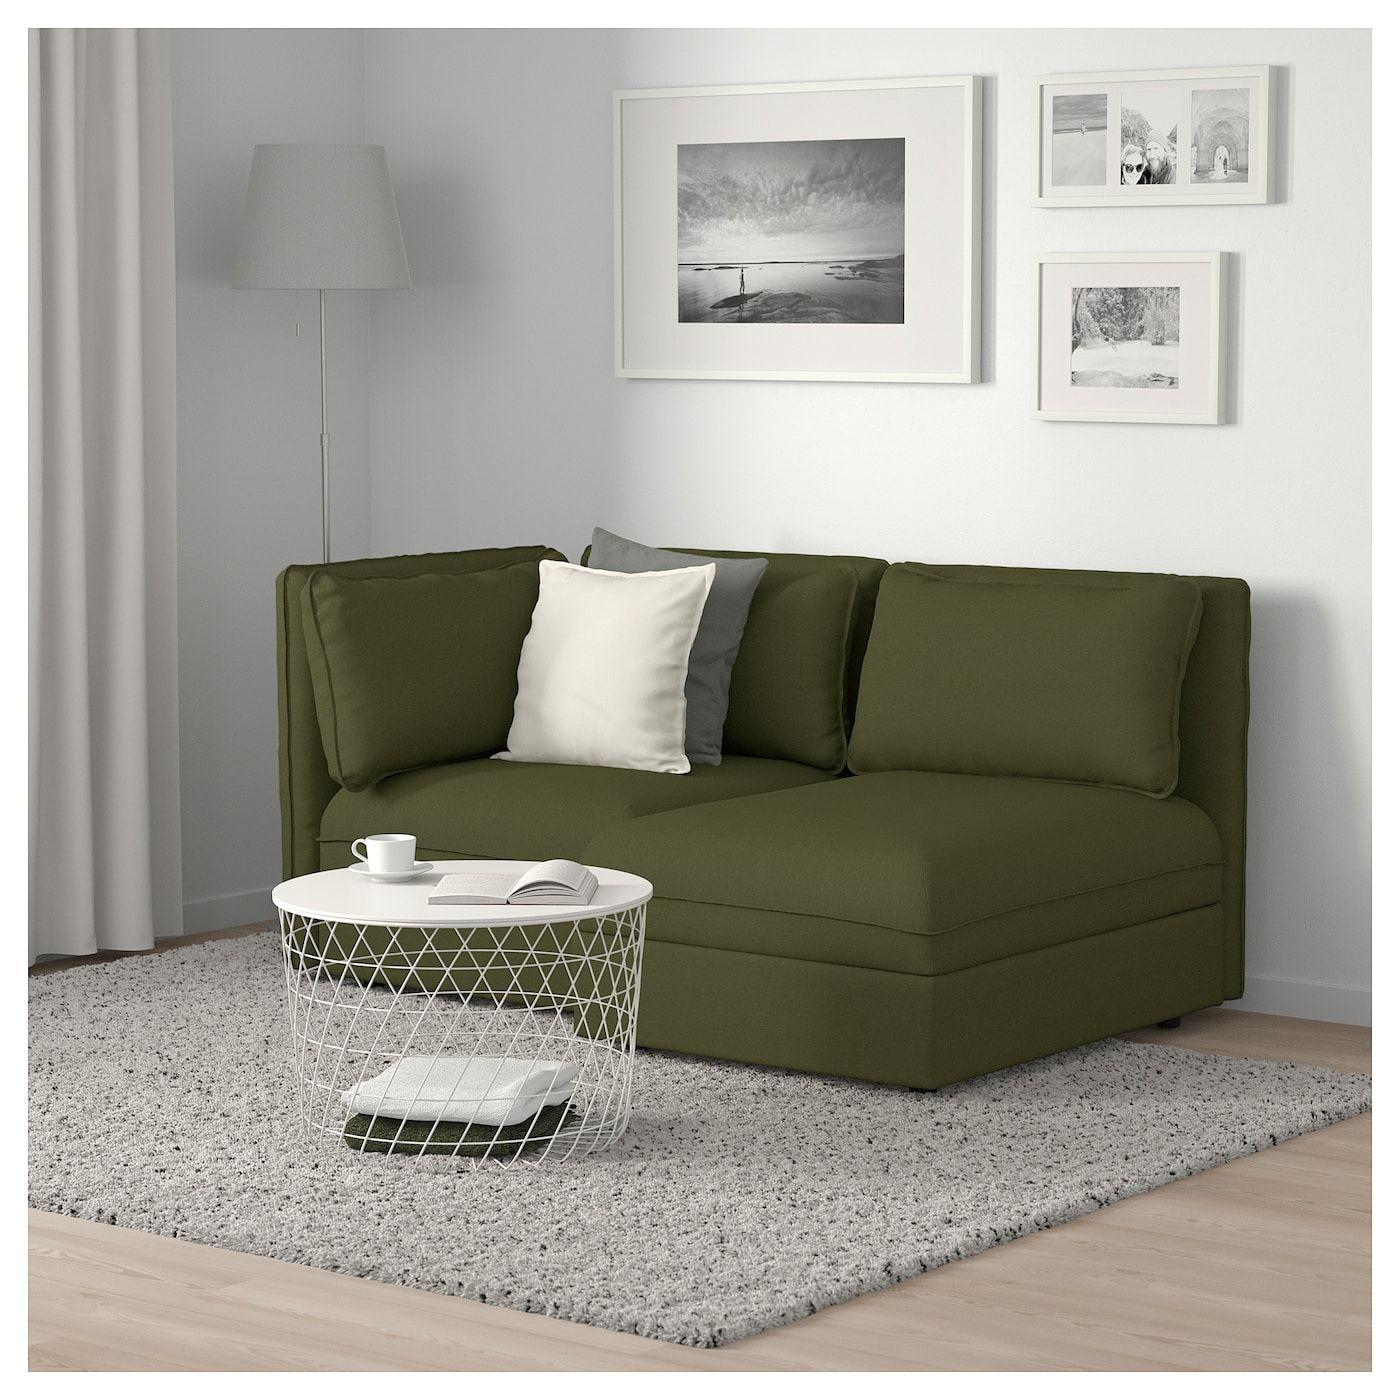 Vallentuna 2er Sitzelement Mit Stauraum Orrsta Olivgrun Schwarz Ikea Osterreich In 2020 Vallentuna Modular Sofa Love Seat